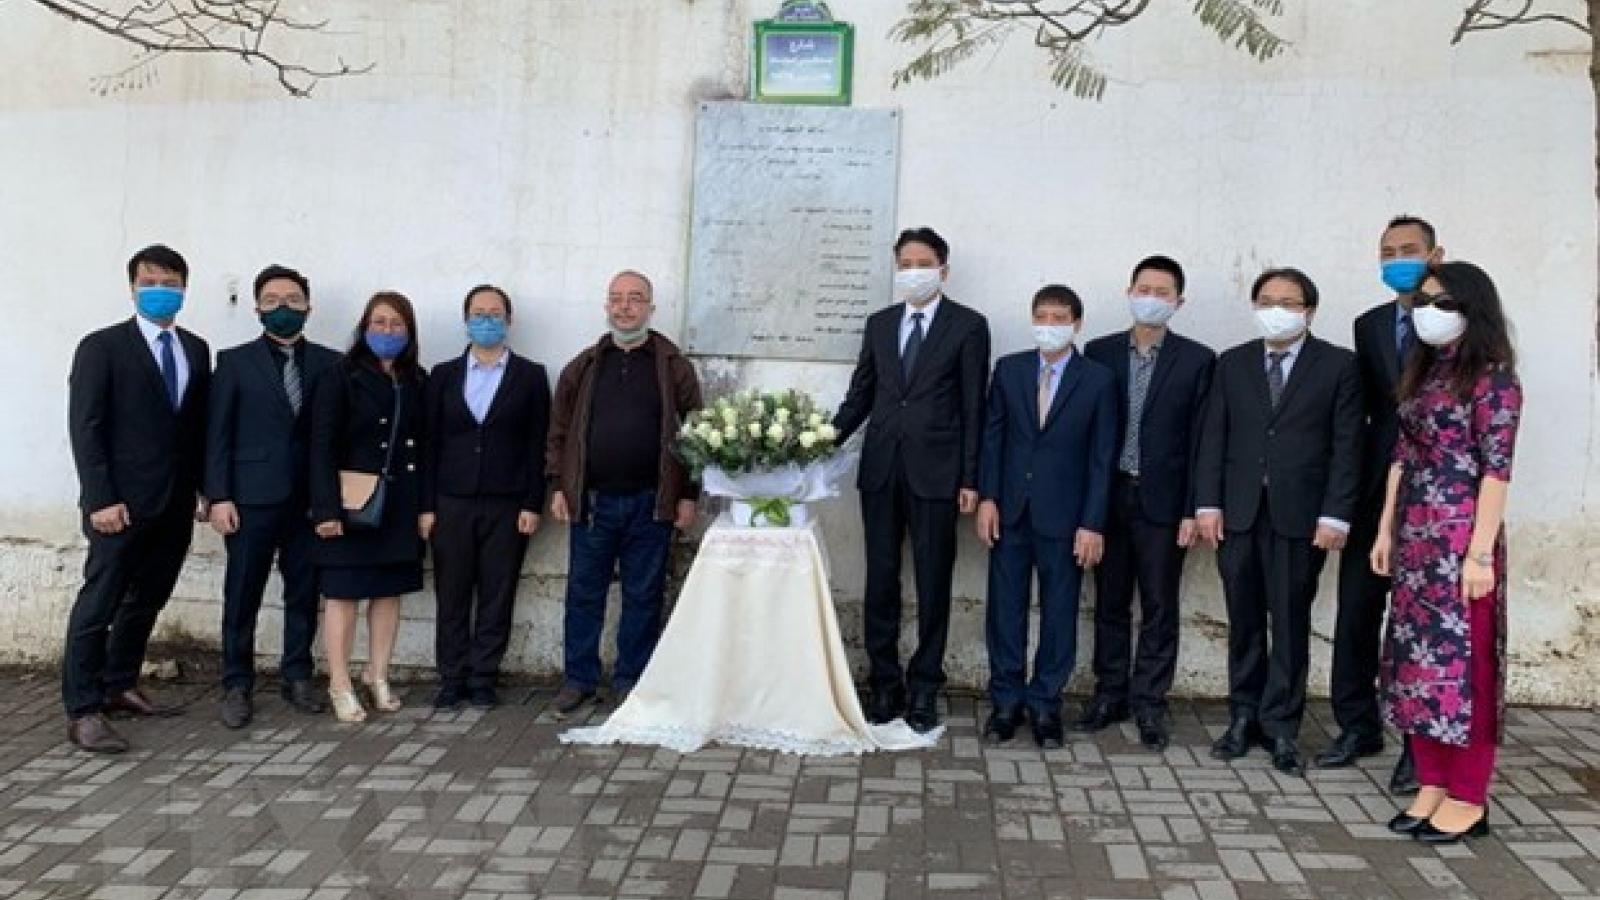 Diplomats commemorate fallen Algerian journalists in Vietnam